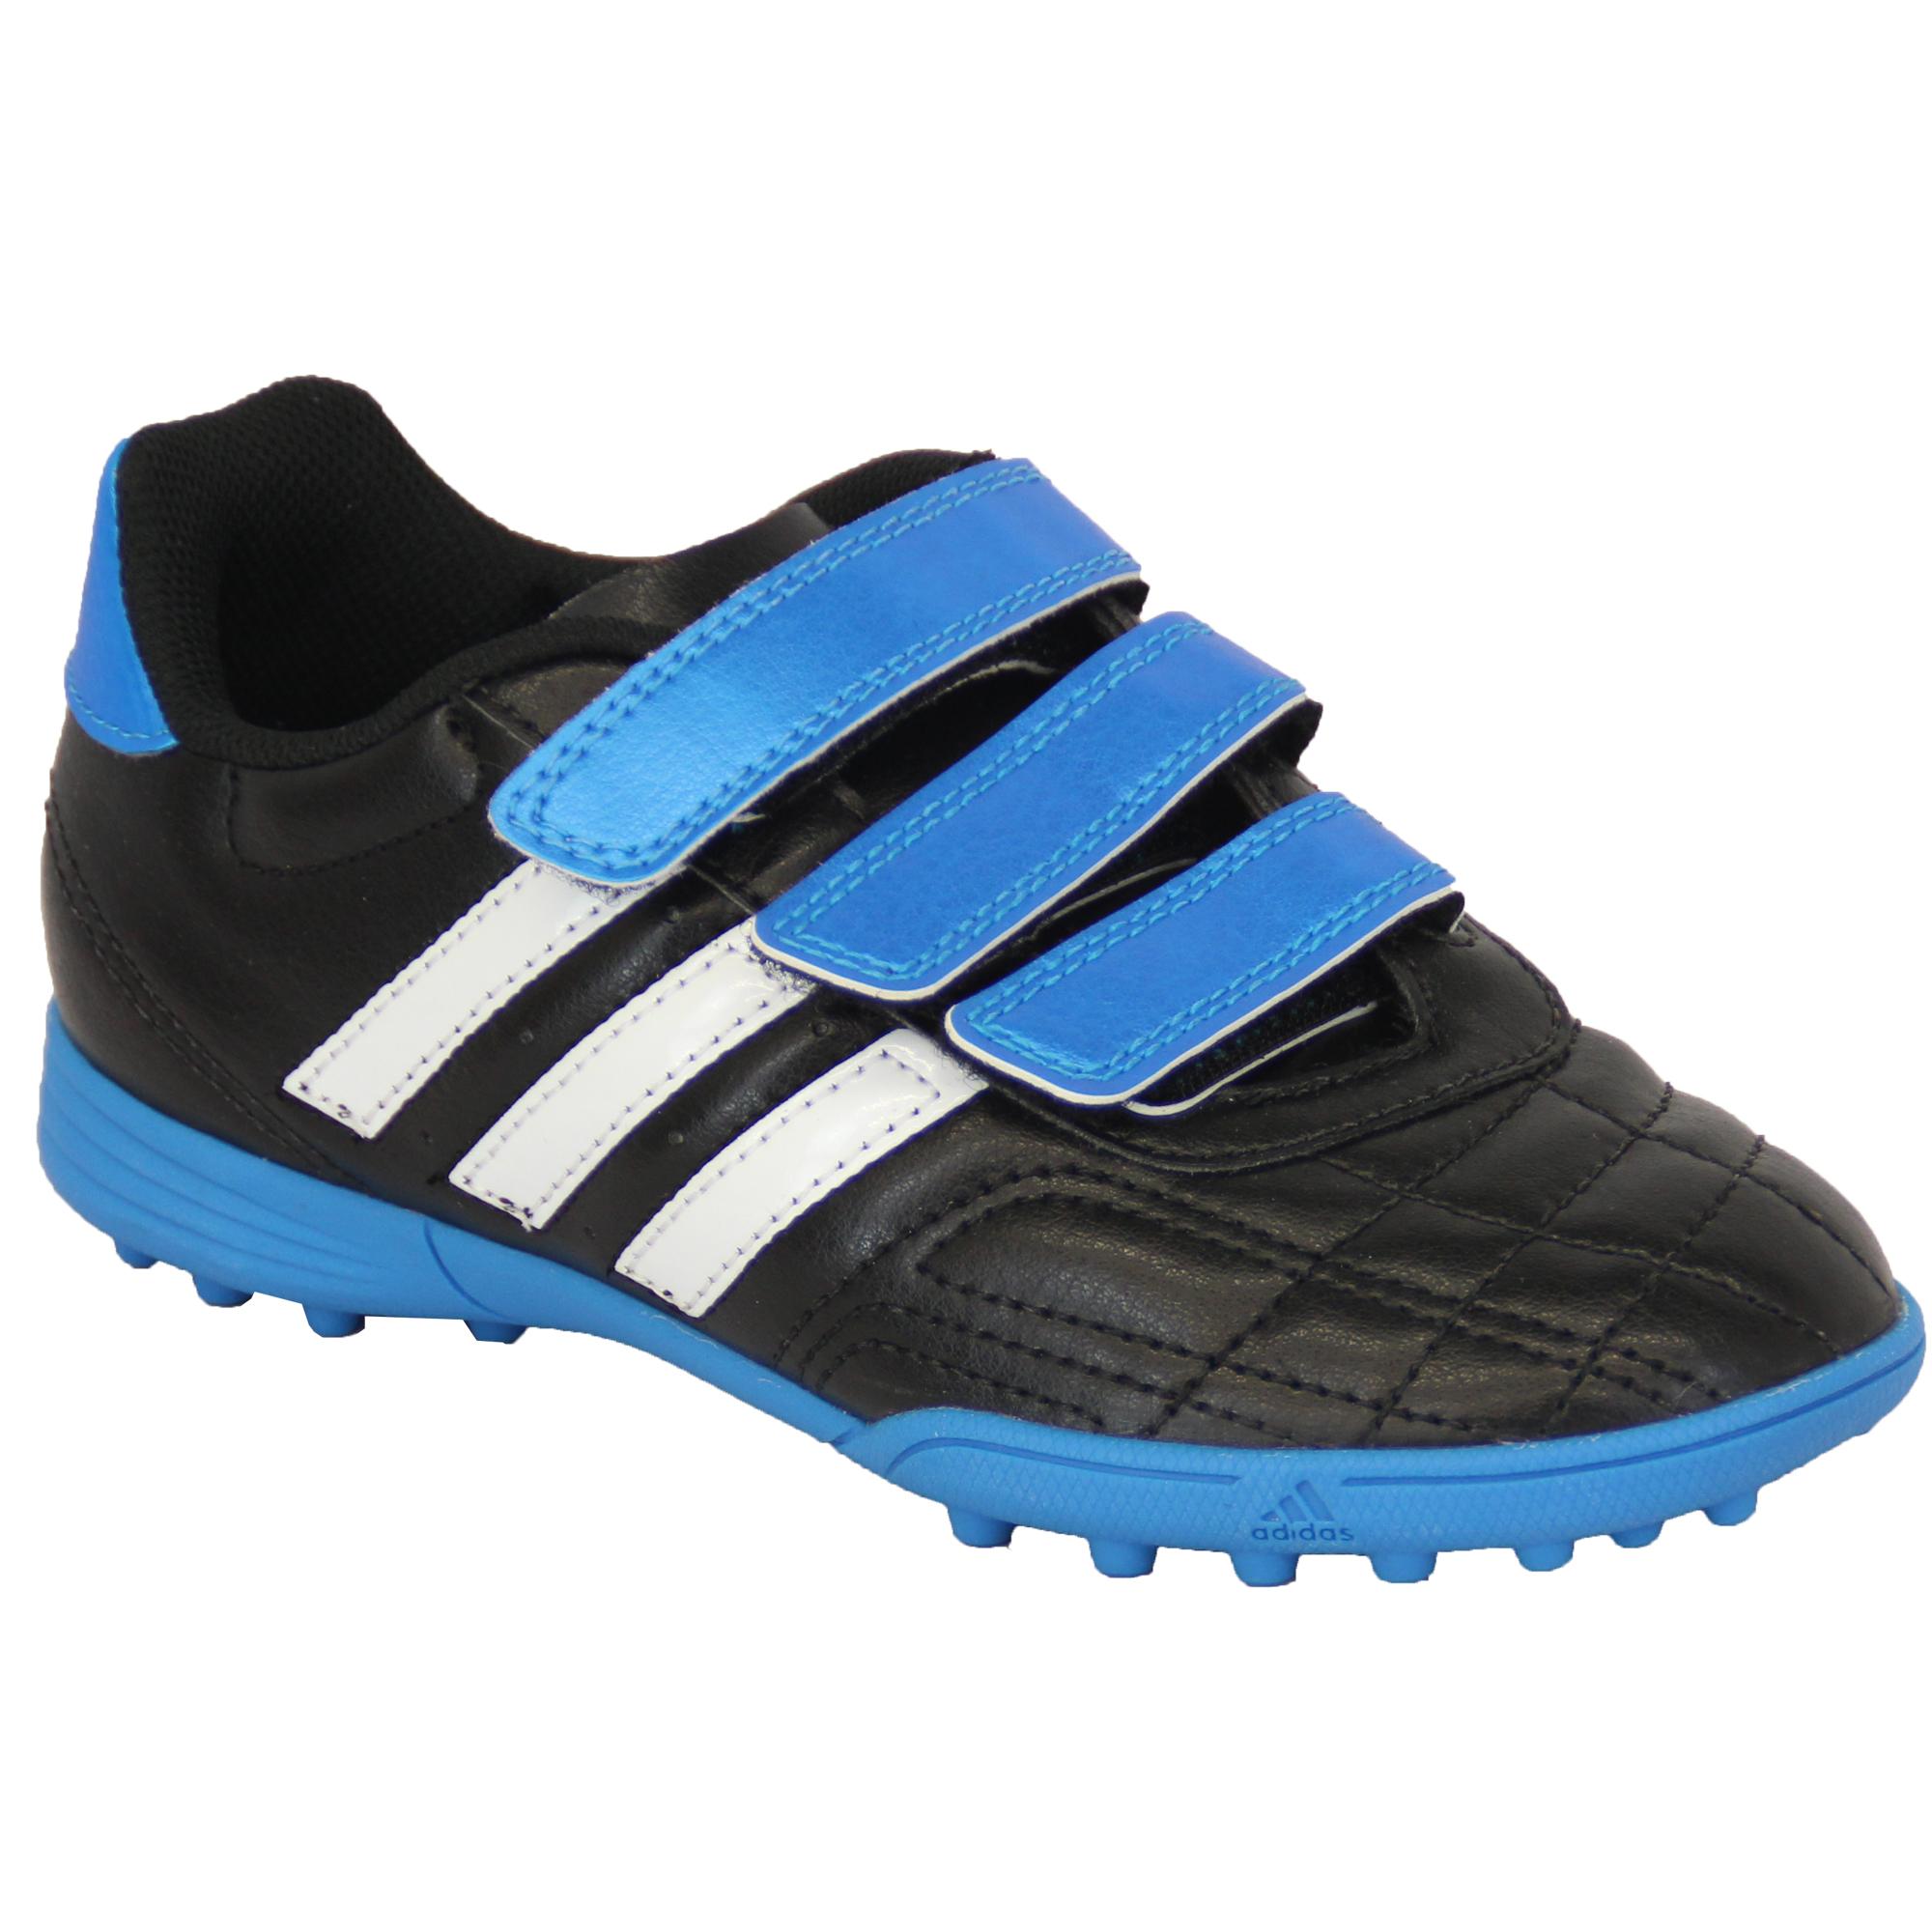 Boys Turf Shoes